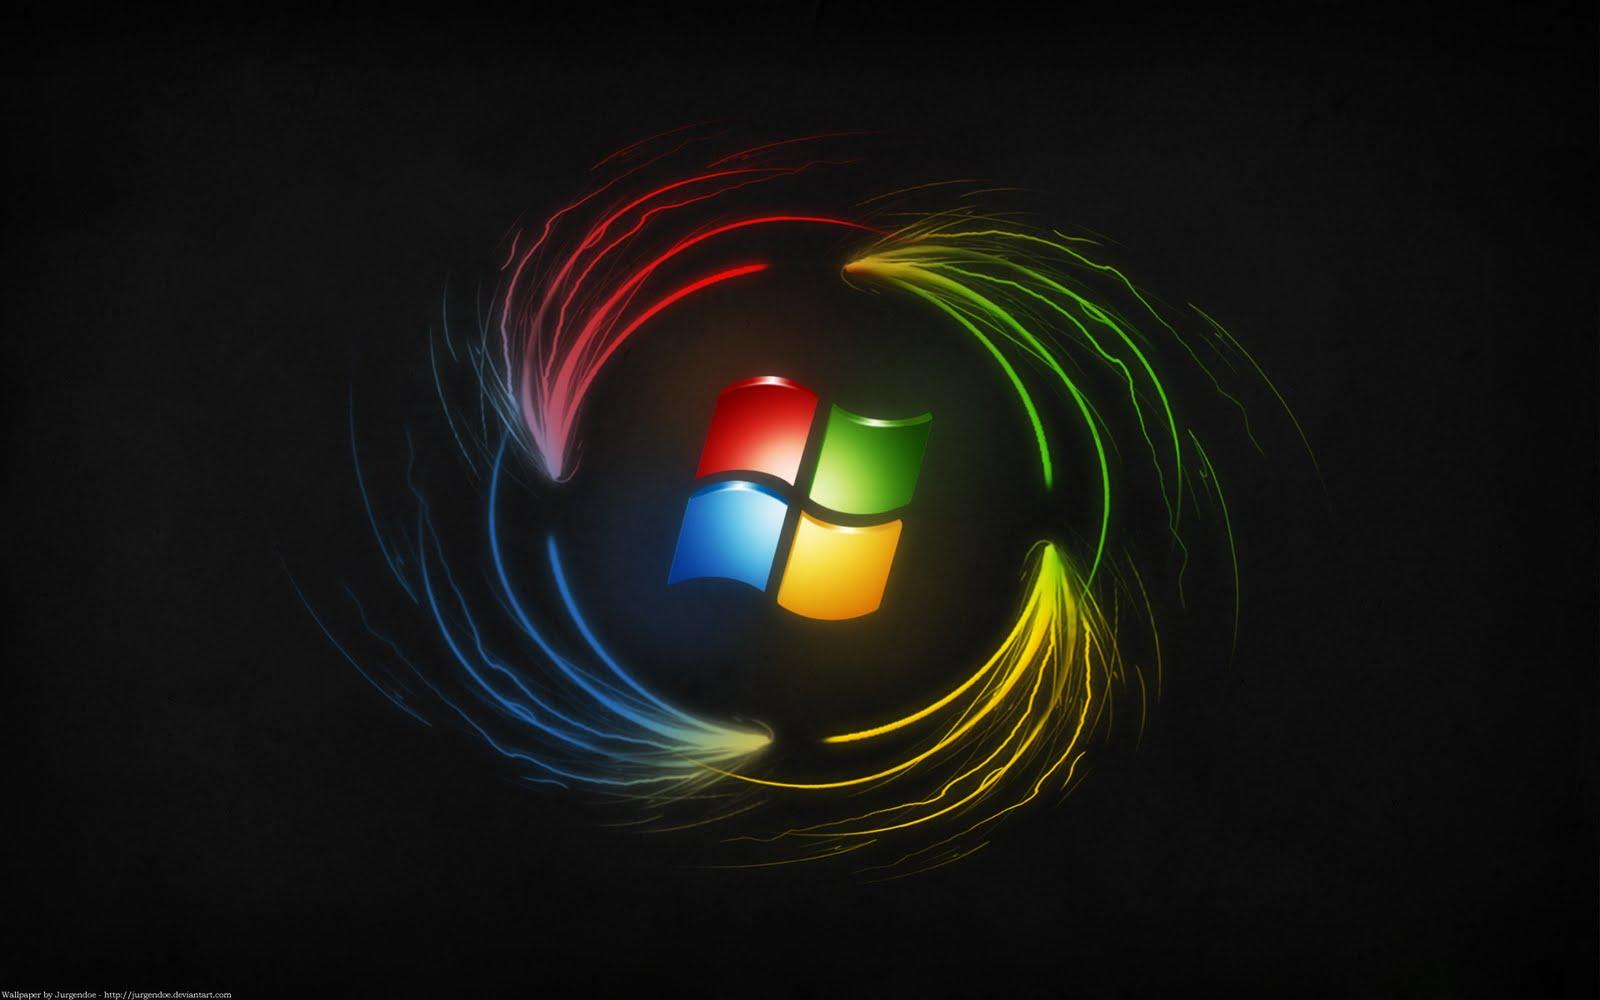 window 8 wallpaper | windows wallpaper free | windows 8 wallpaper hd | windows 8 wallpaper pack ...